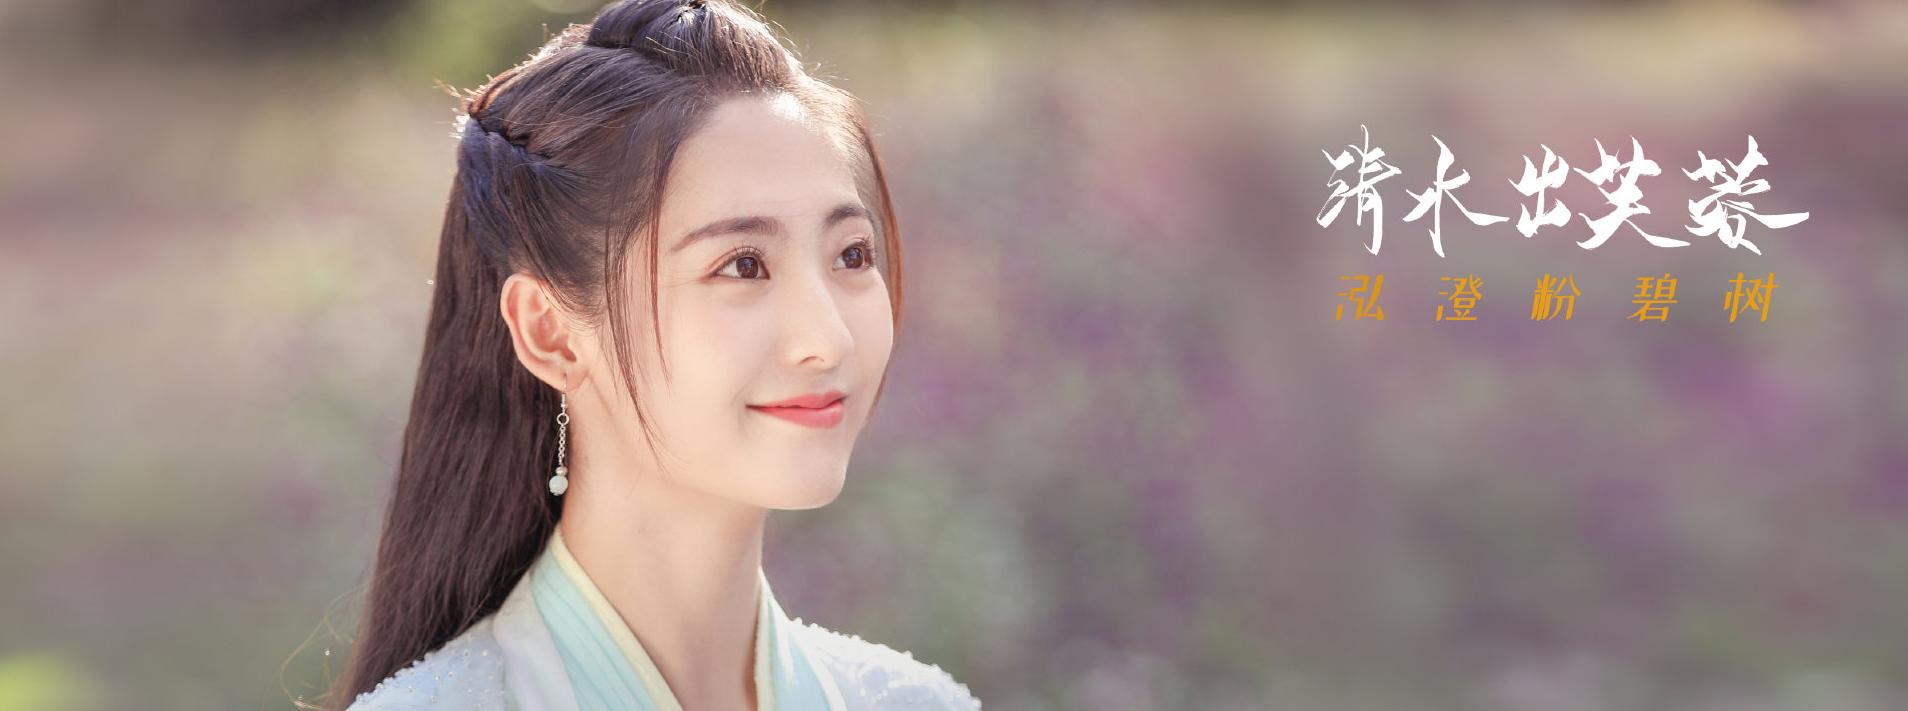 邢菲新剧《明月曾照江东寒》首曝先导预告